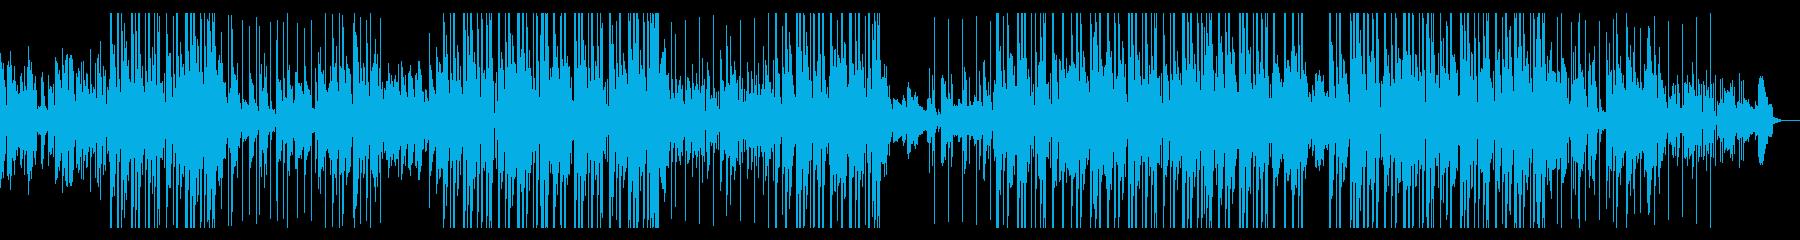 切ないNujabes風ヒップホップビートの再生済みの波形